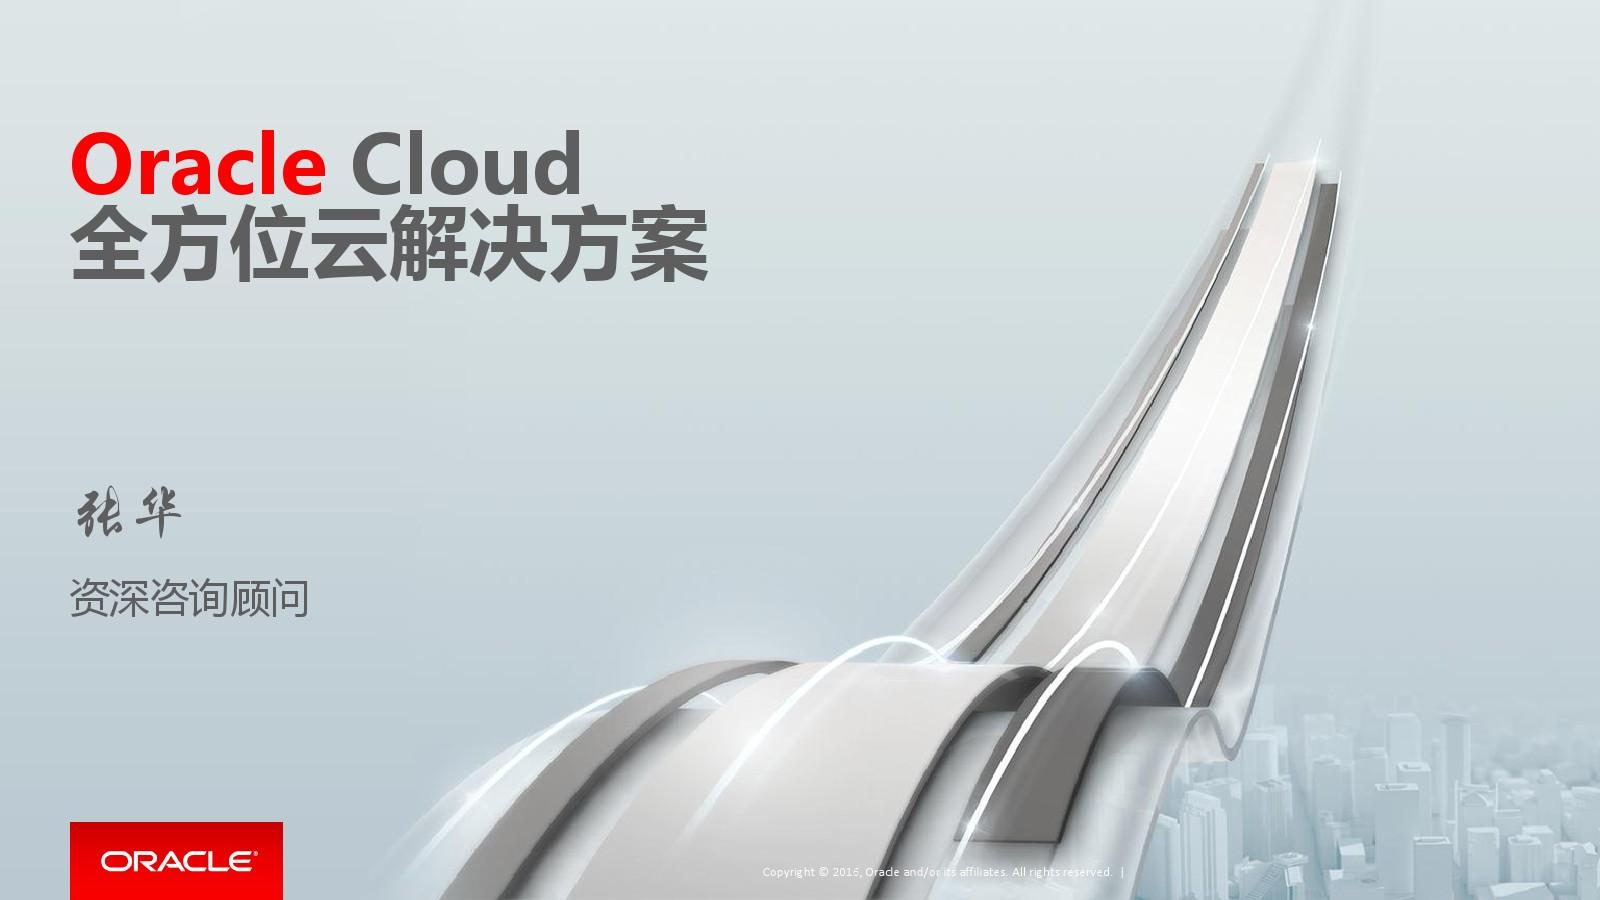 张华-Oracle 全方位云解决方案